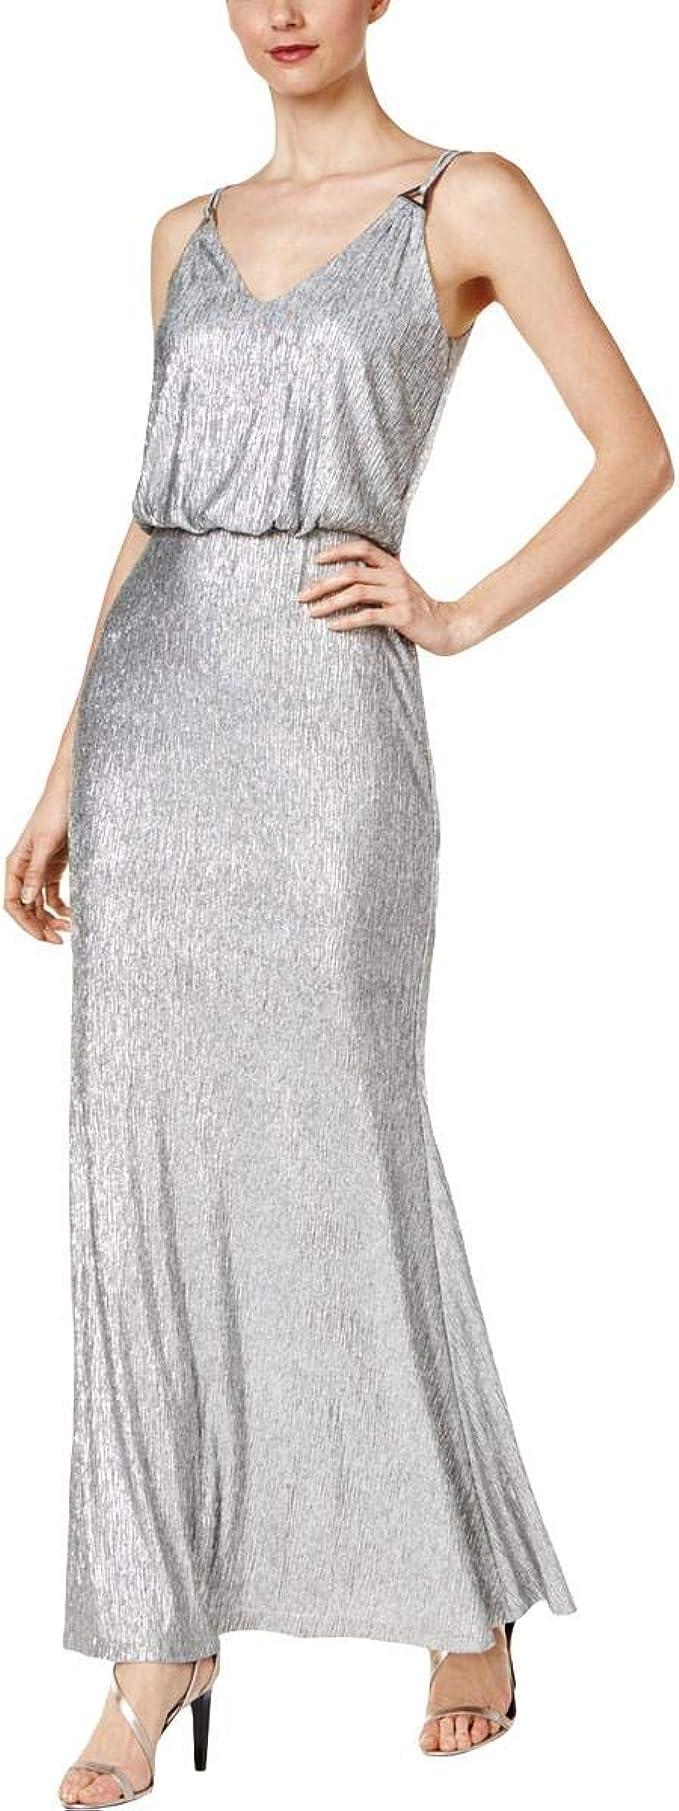 Calvin Klein Damen Abendkleid, V Ausschnitt, silberfarben, Größe ...